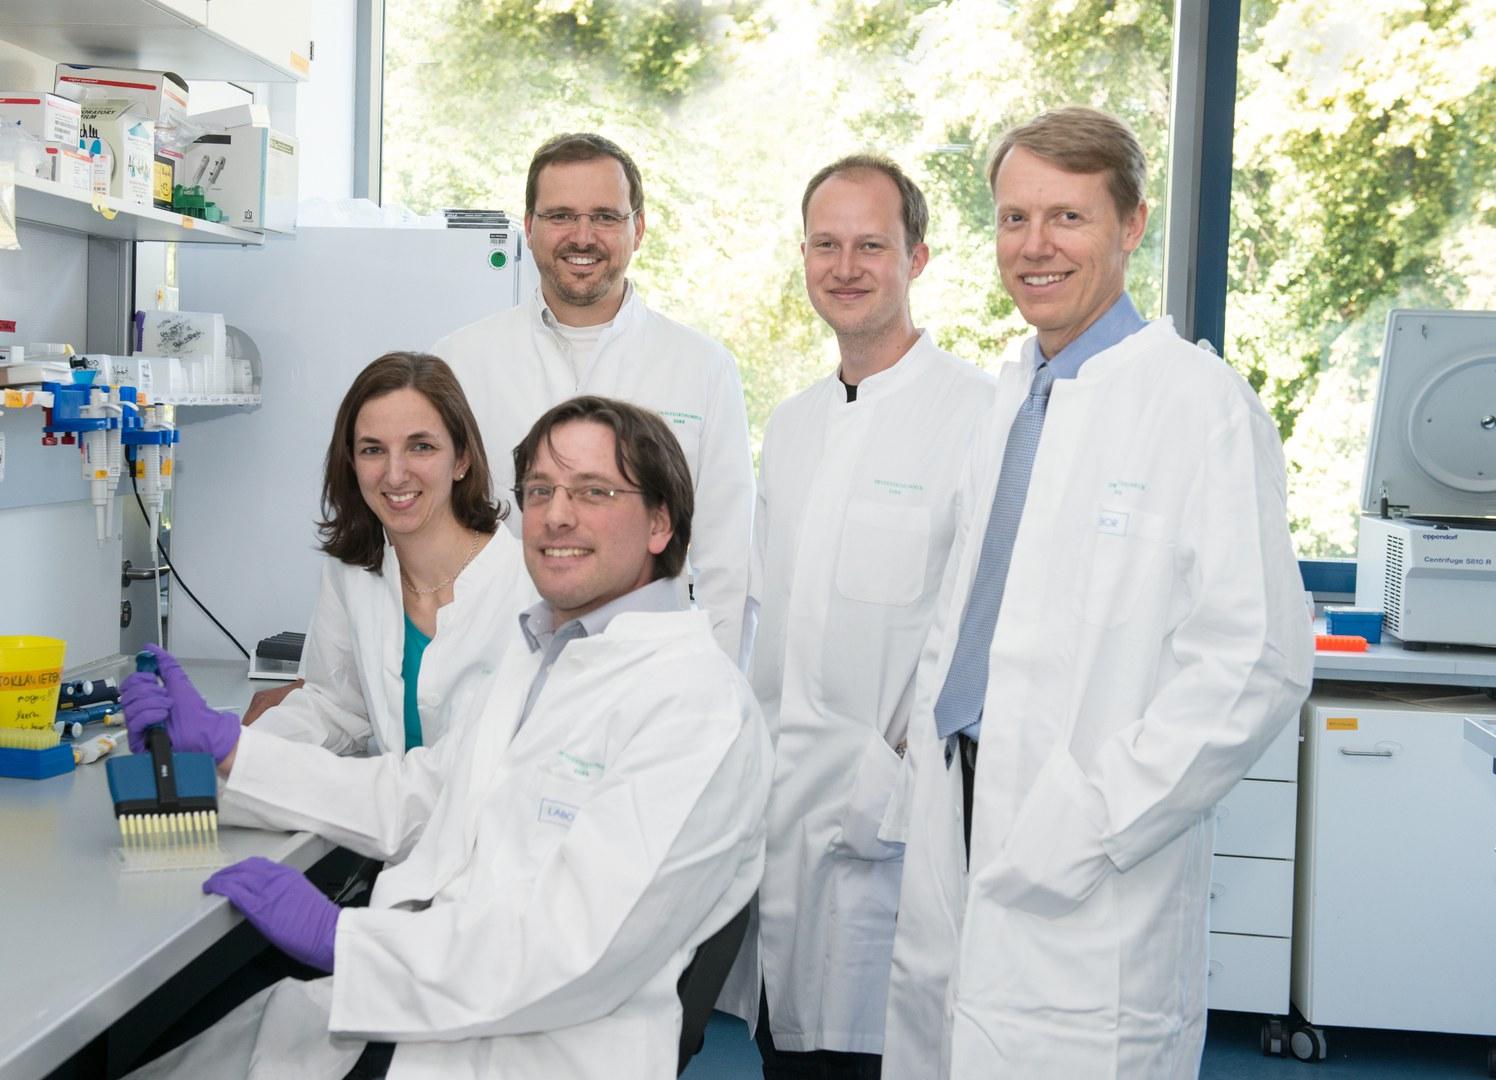 Messen im Labor die antivirale Immunantwort (von links):